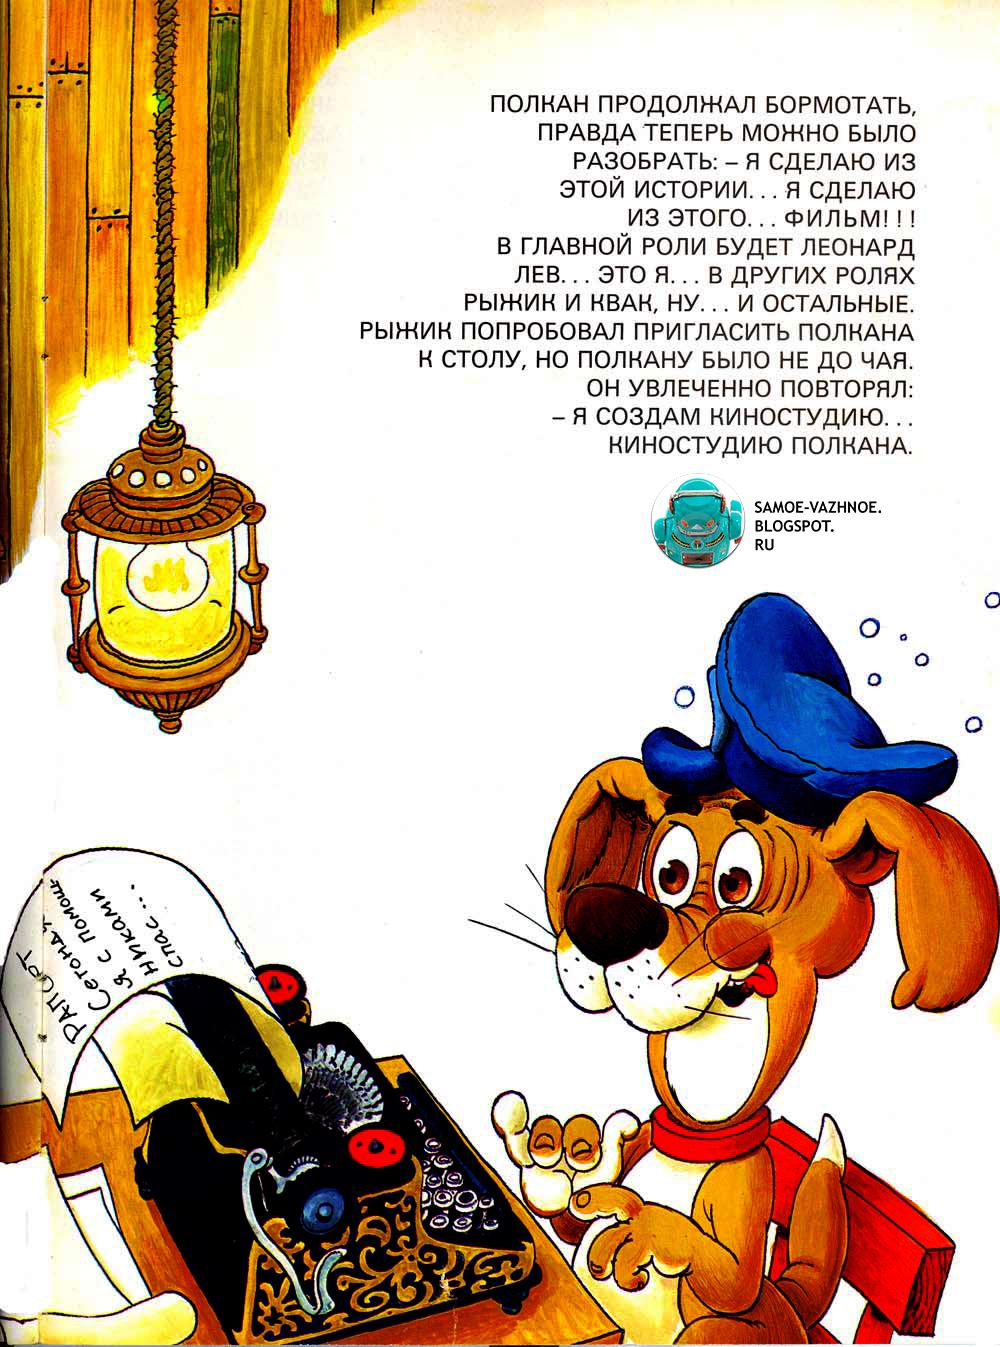 Книги СССР Хельсинки детские, для детей. Книга собака пишет сценарий, пёс-сценарист. Художник Тимофей Сыроежкин, бельчонок Рыжик, лягушонок Квак, полицейский Полкан